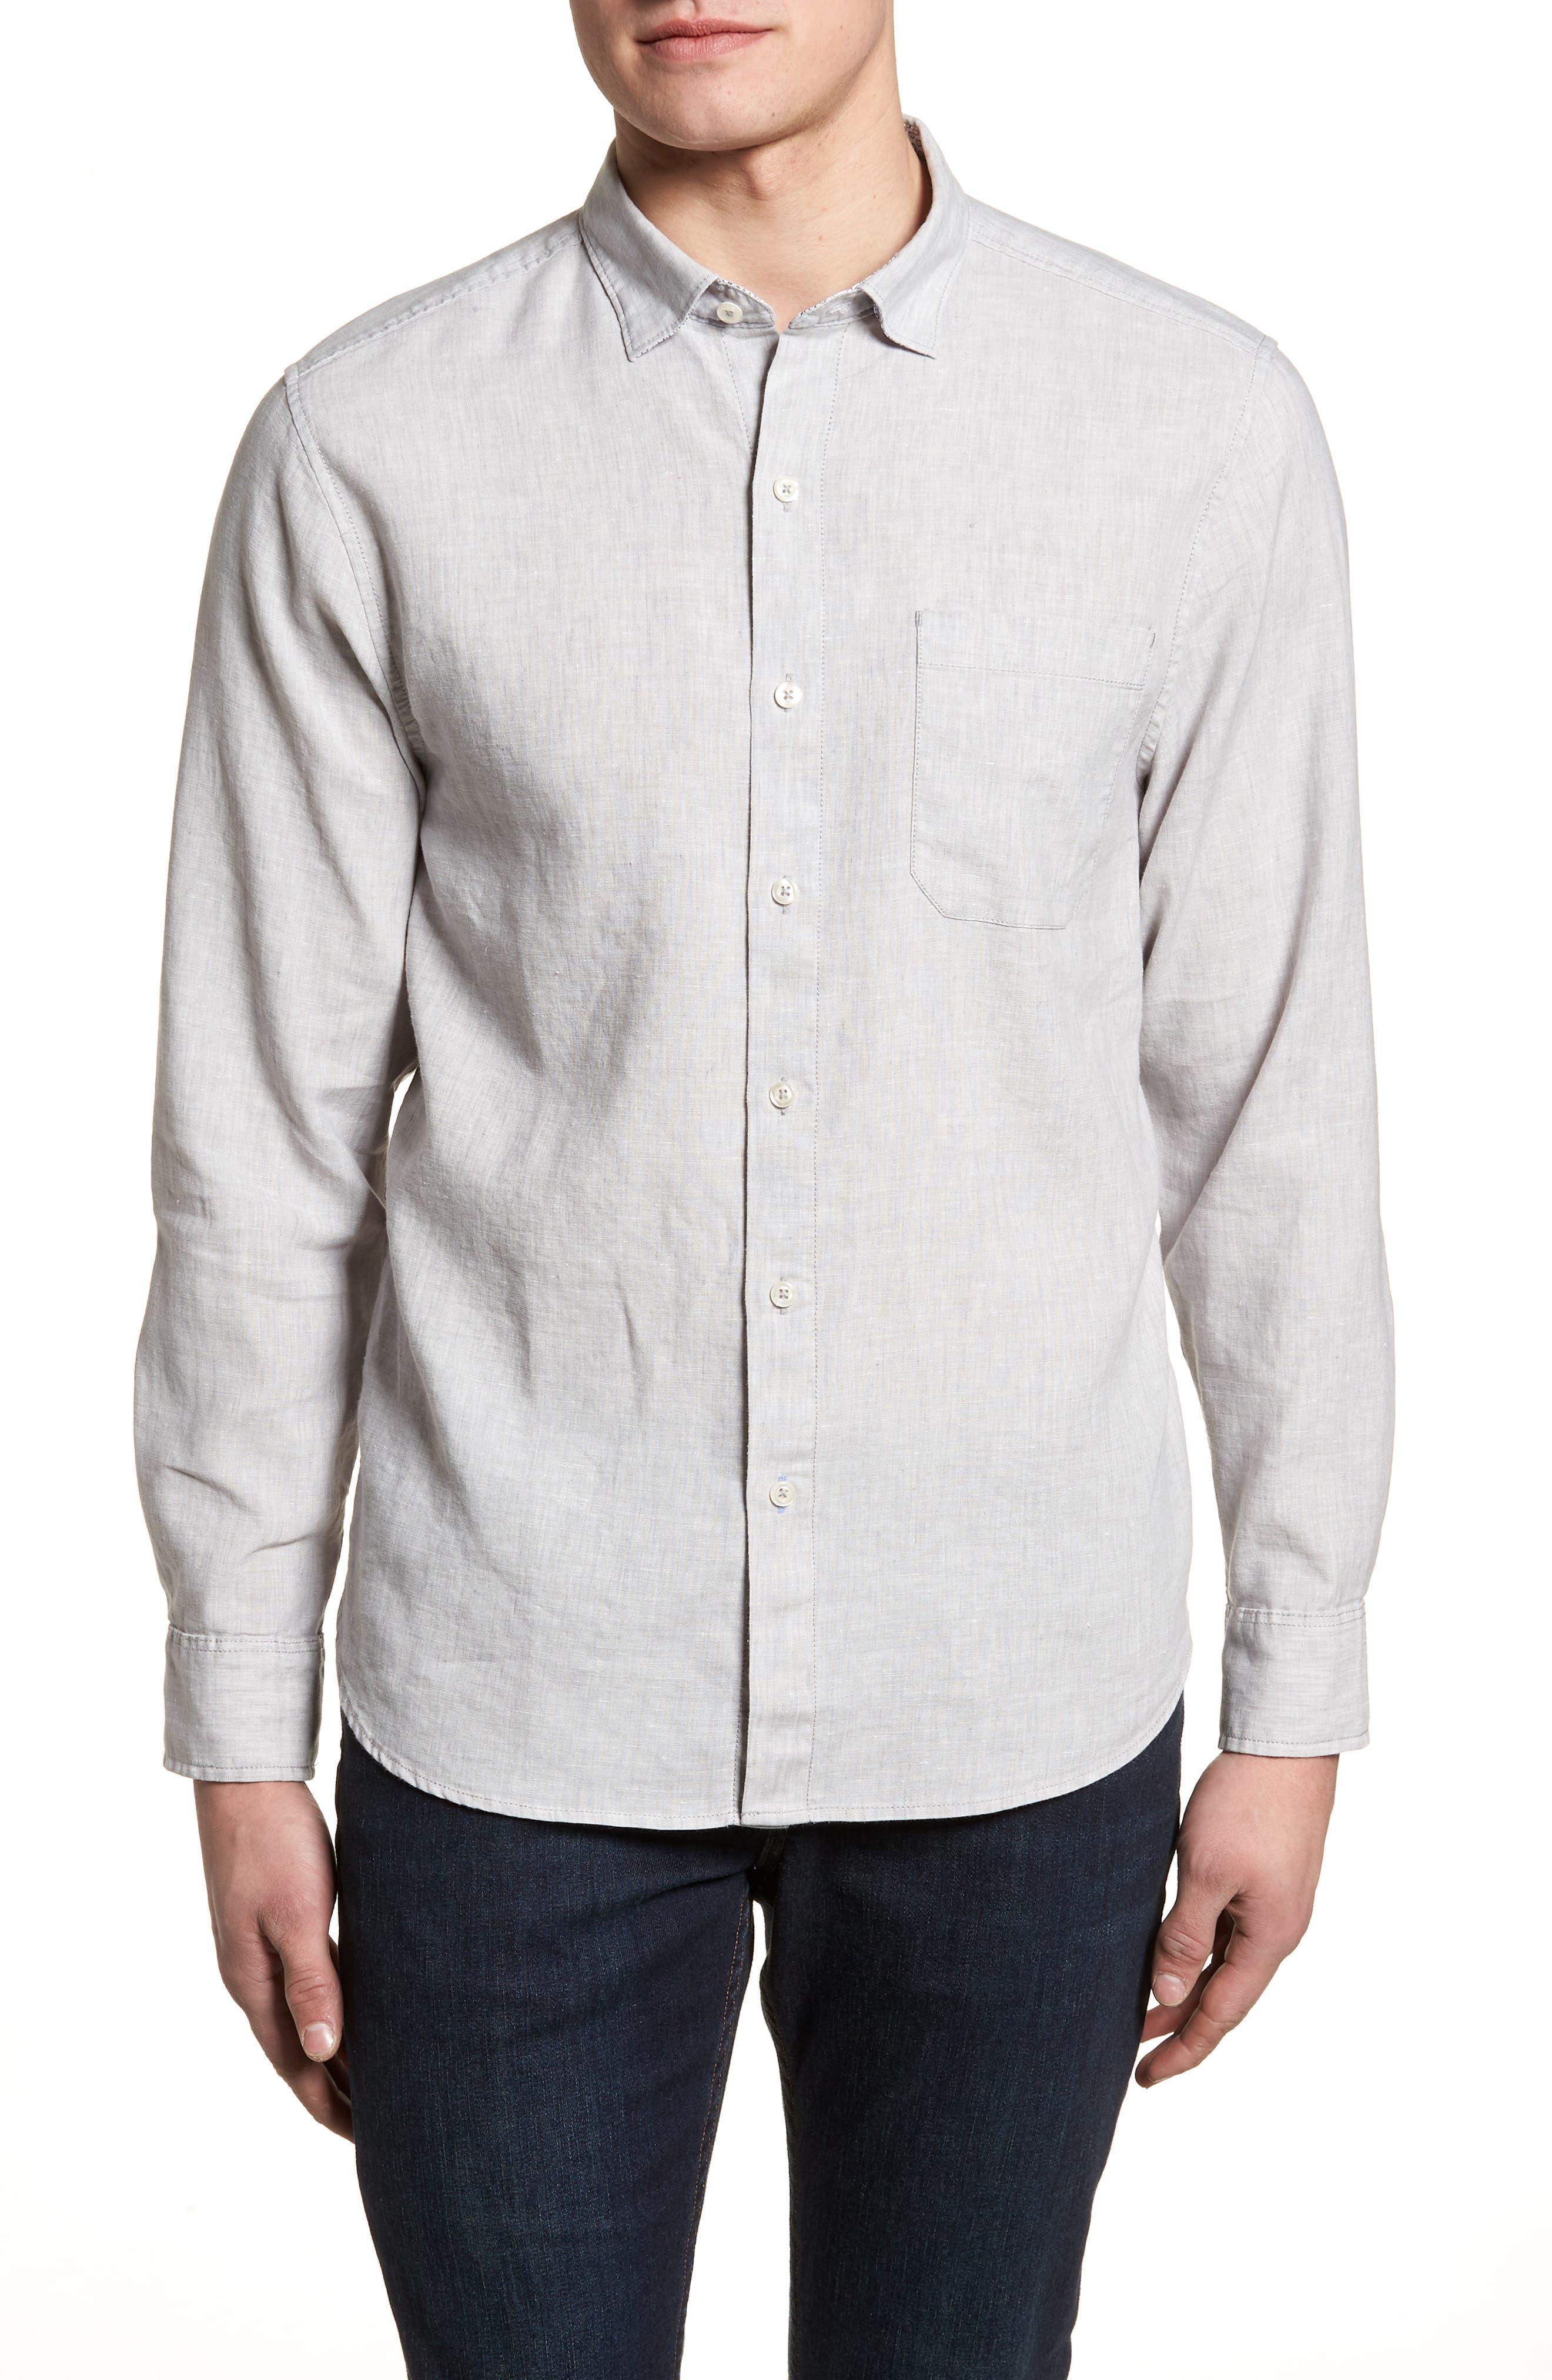 Lanai Tides Linen Blend Sport Shirt,                         Main,                         color, 020